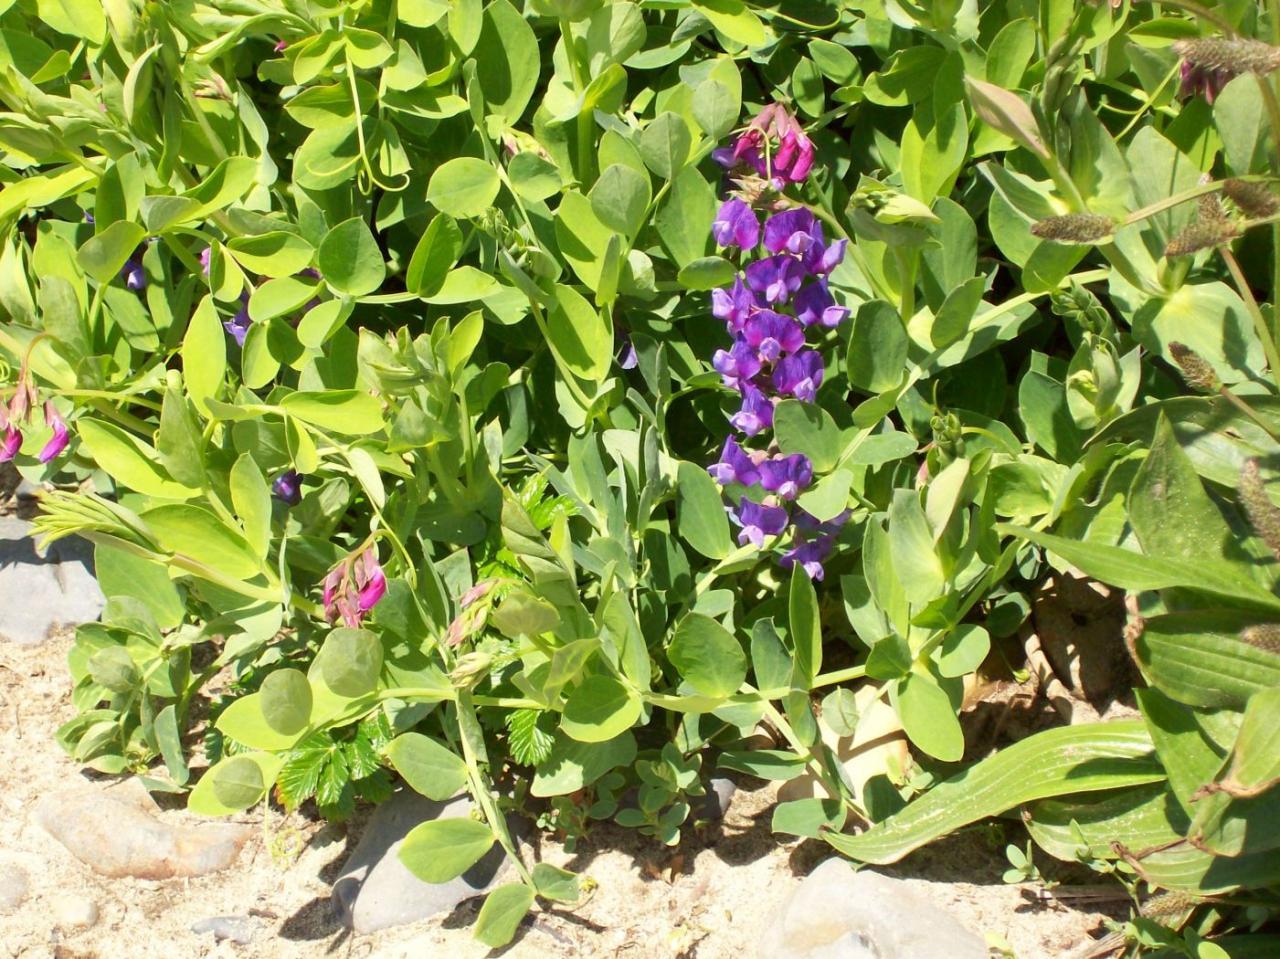 Beach pea in bloom